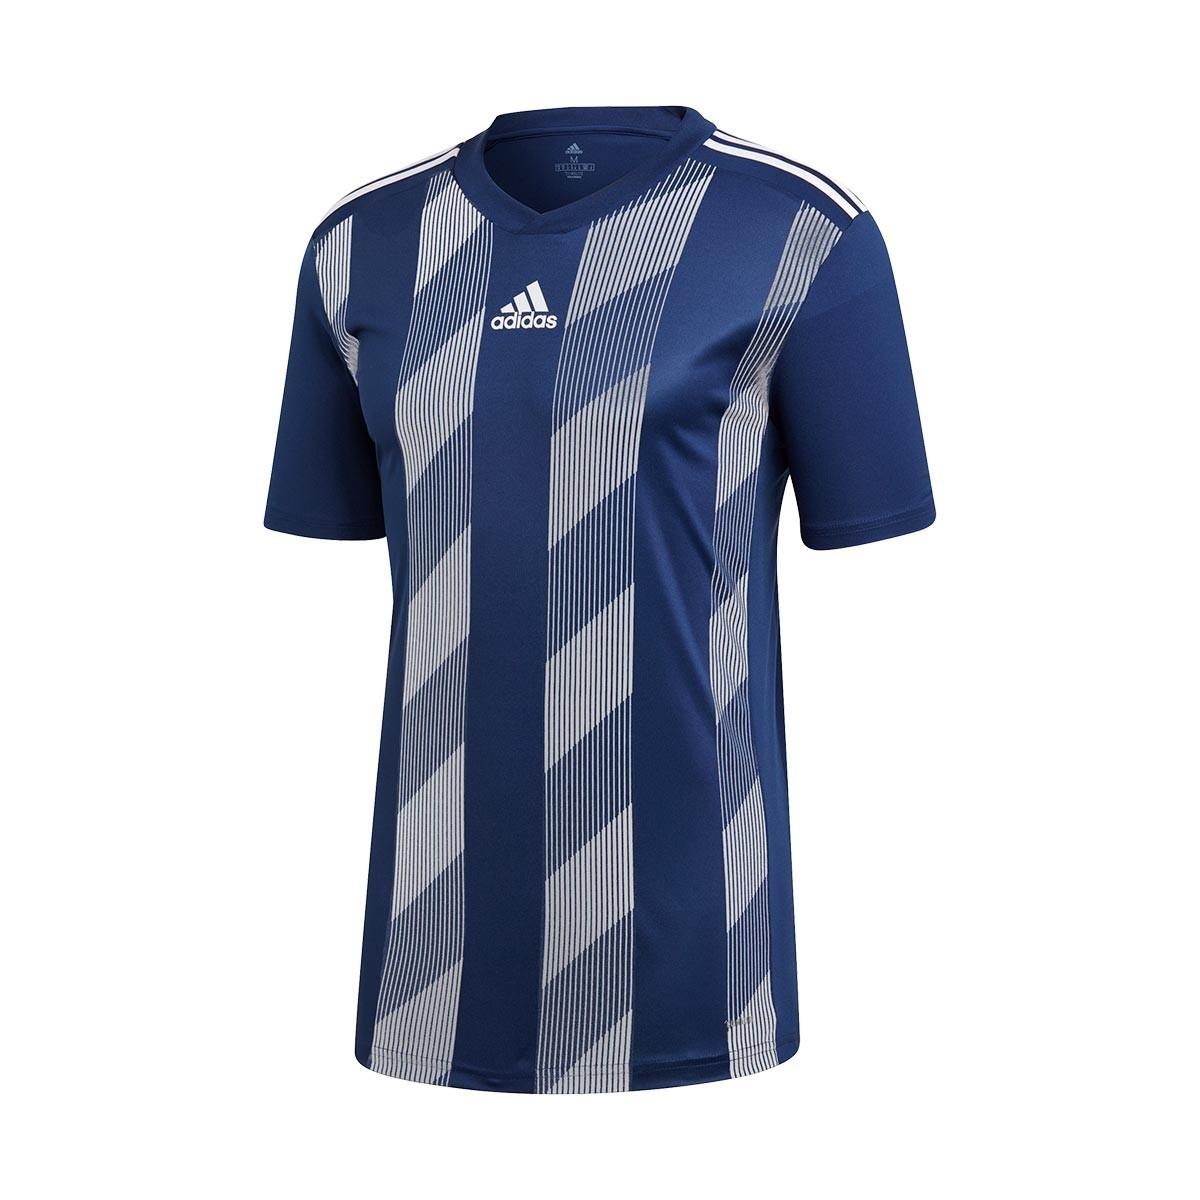 Jersey adidas Striped 19 m/c Dark blue-White - Fútbol Emotion